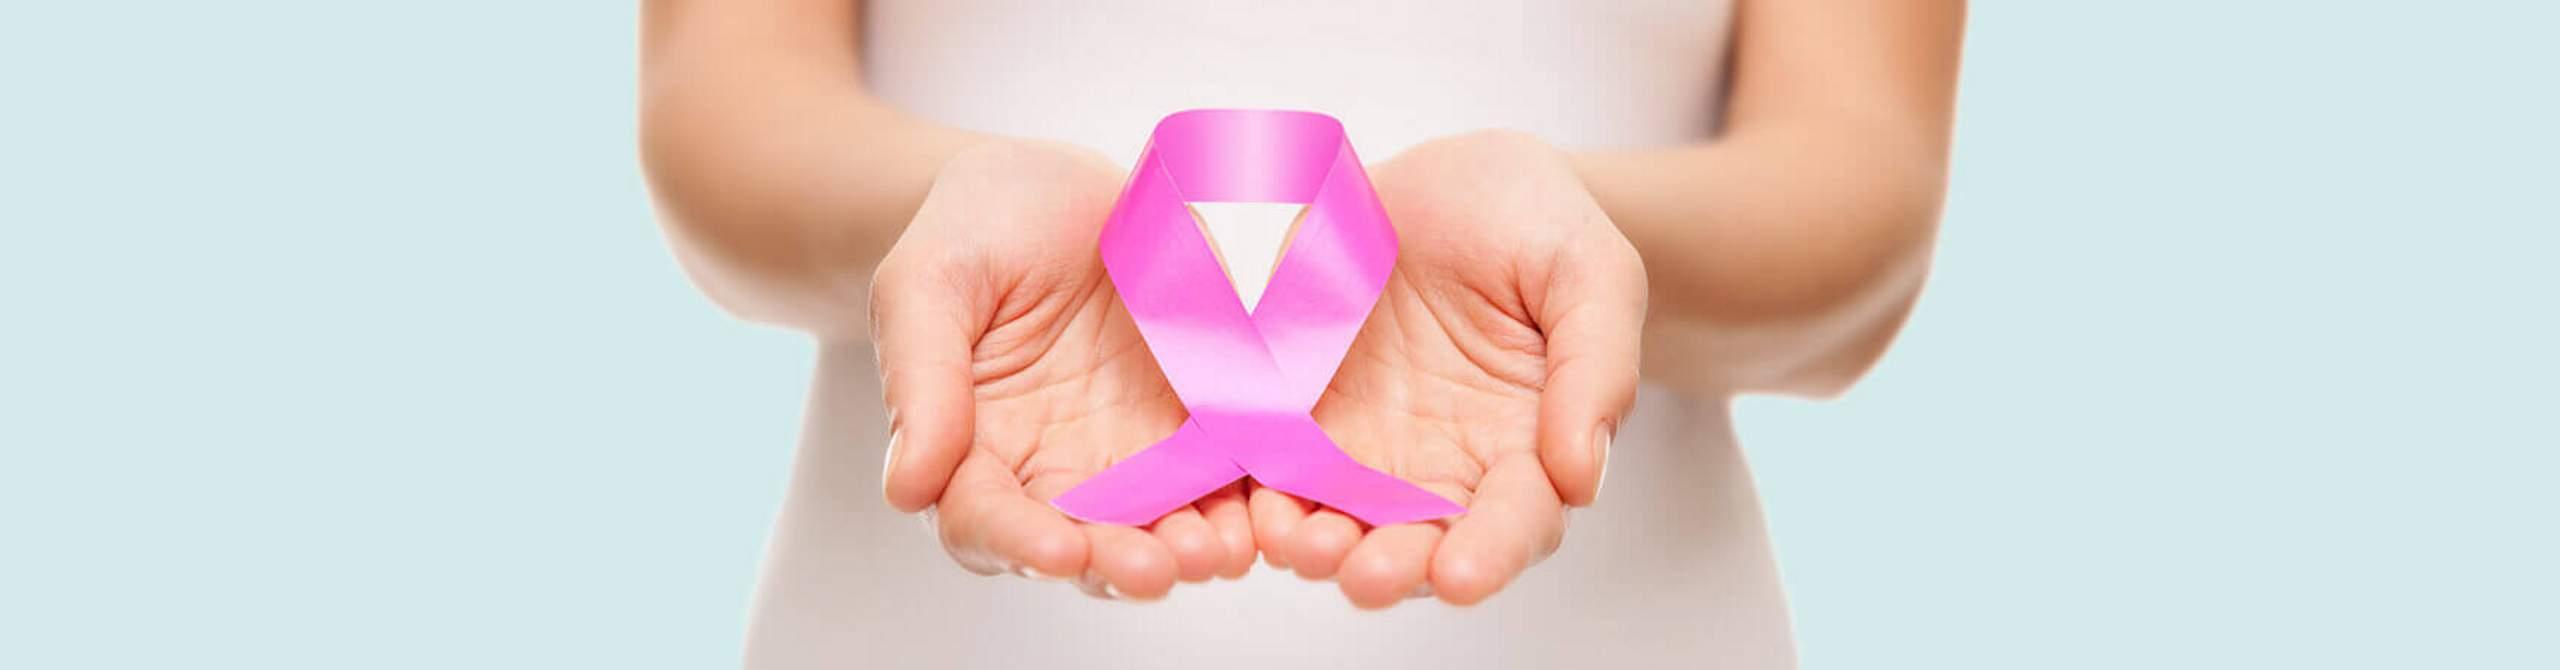 Zwei Hände halten eine pinke Schleife, das Symbol der Brustkrebsfrüherkennung.